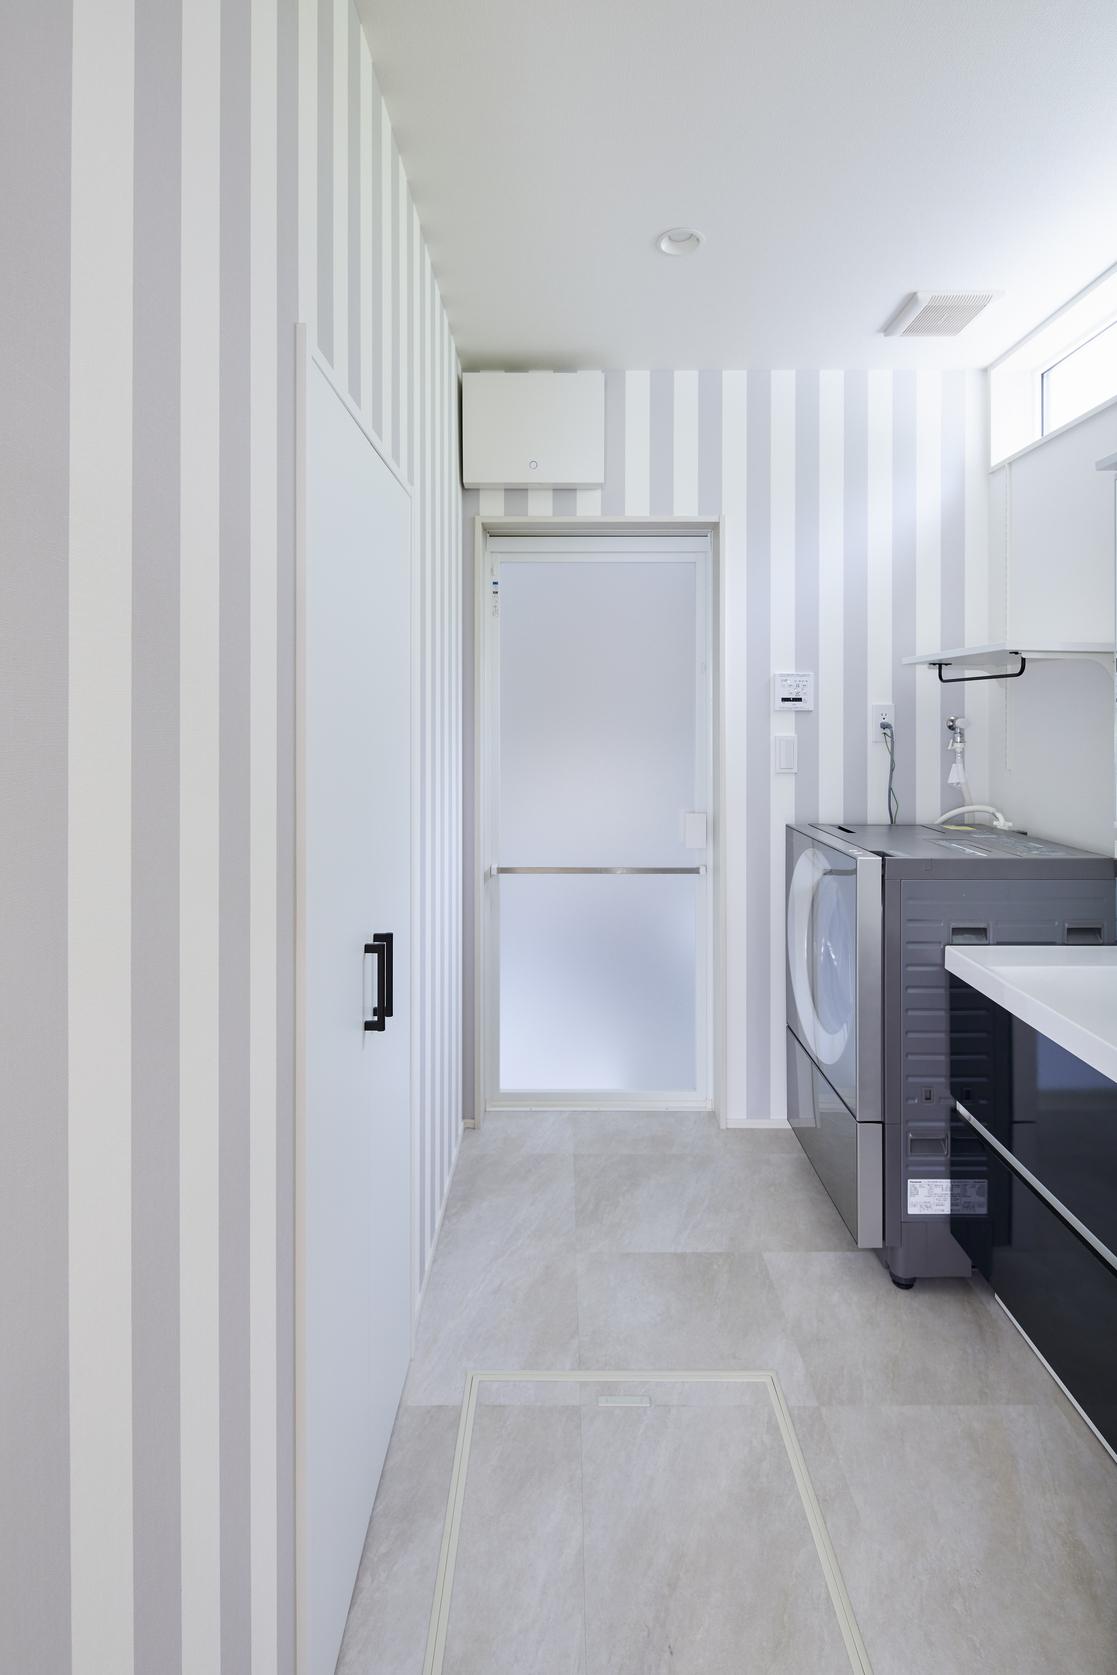 高い位置にある窓から光が入り、 明るく清潔感ある洗面室に。ストライプのアクセントクロスも可愛らしい